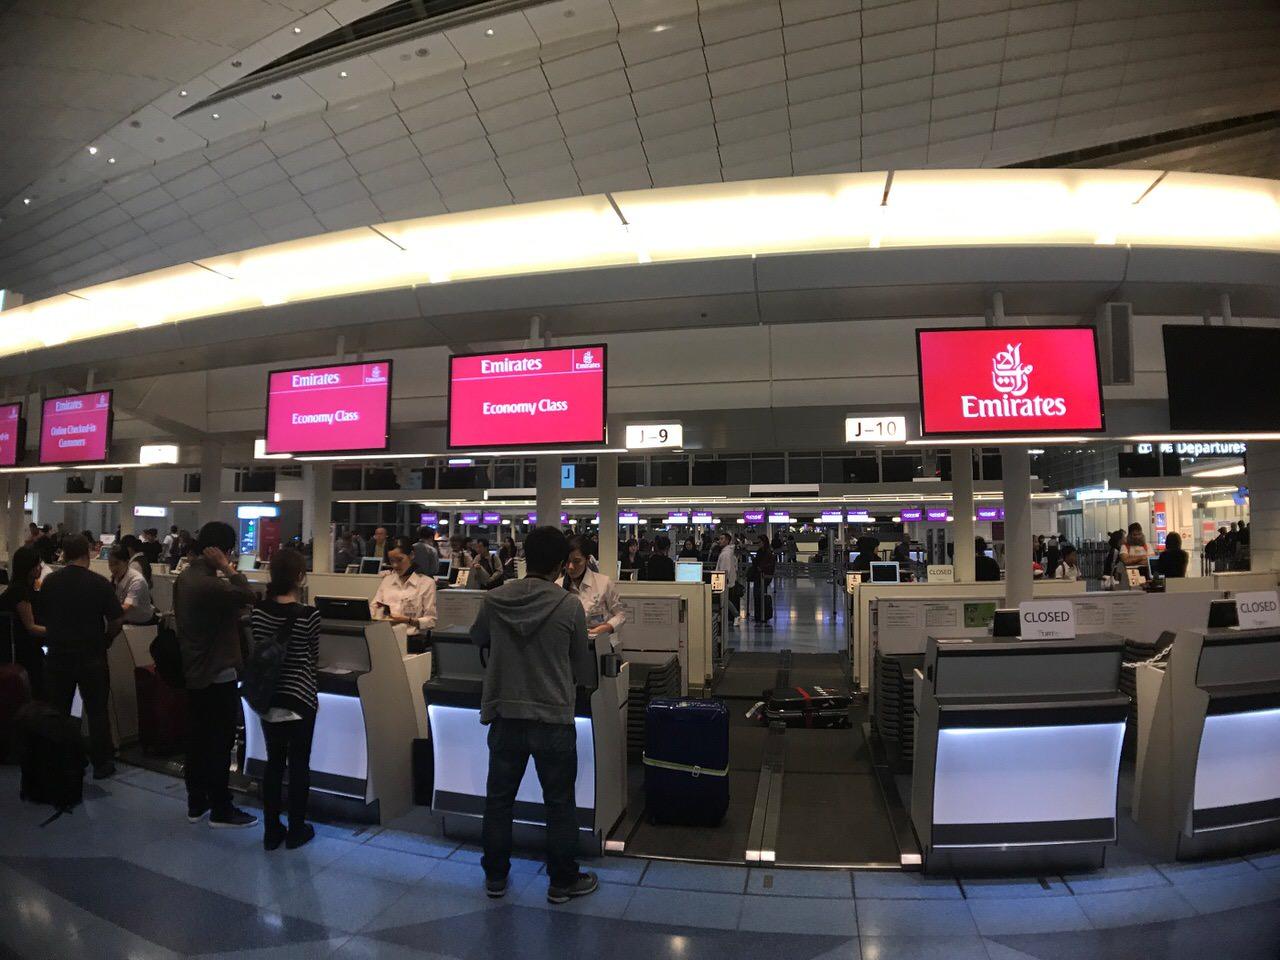 Emirates 1081